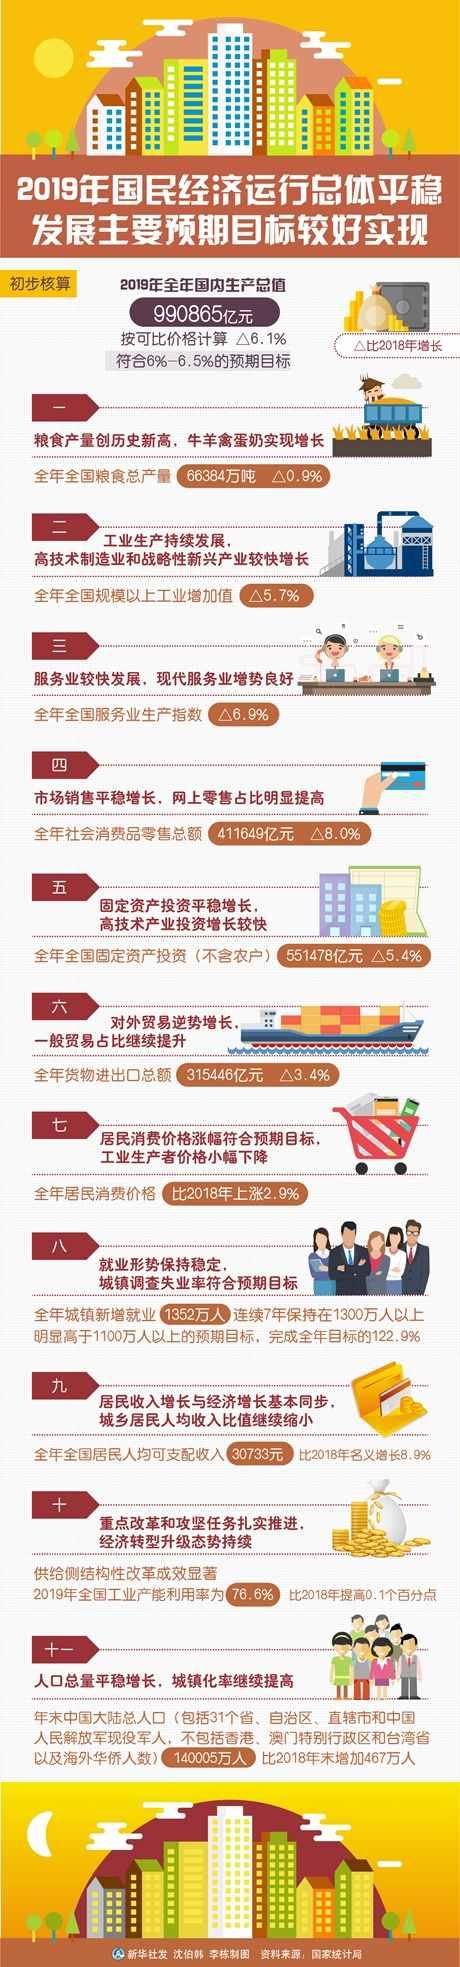 为全面建成小康社会奠定坚实基础——从2019年数据看中国经济发